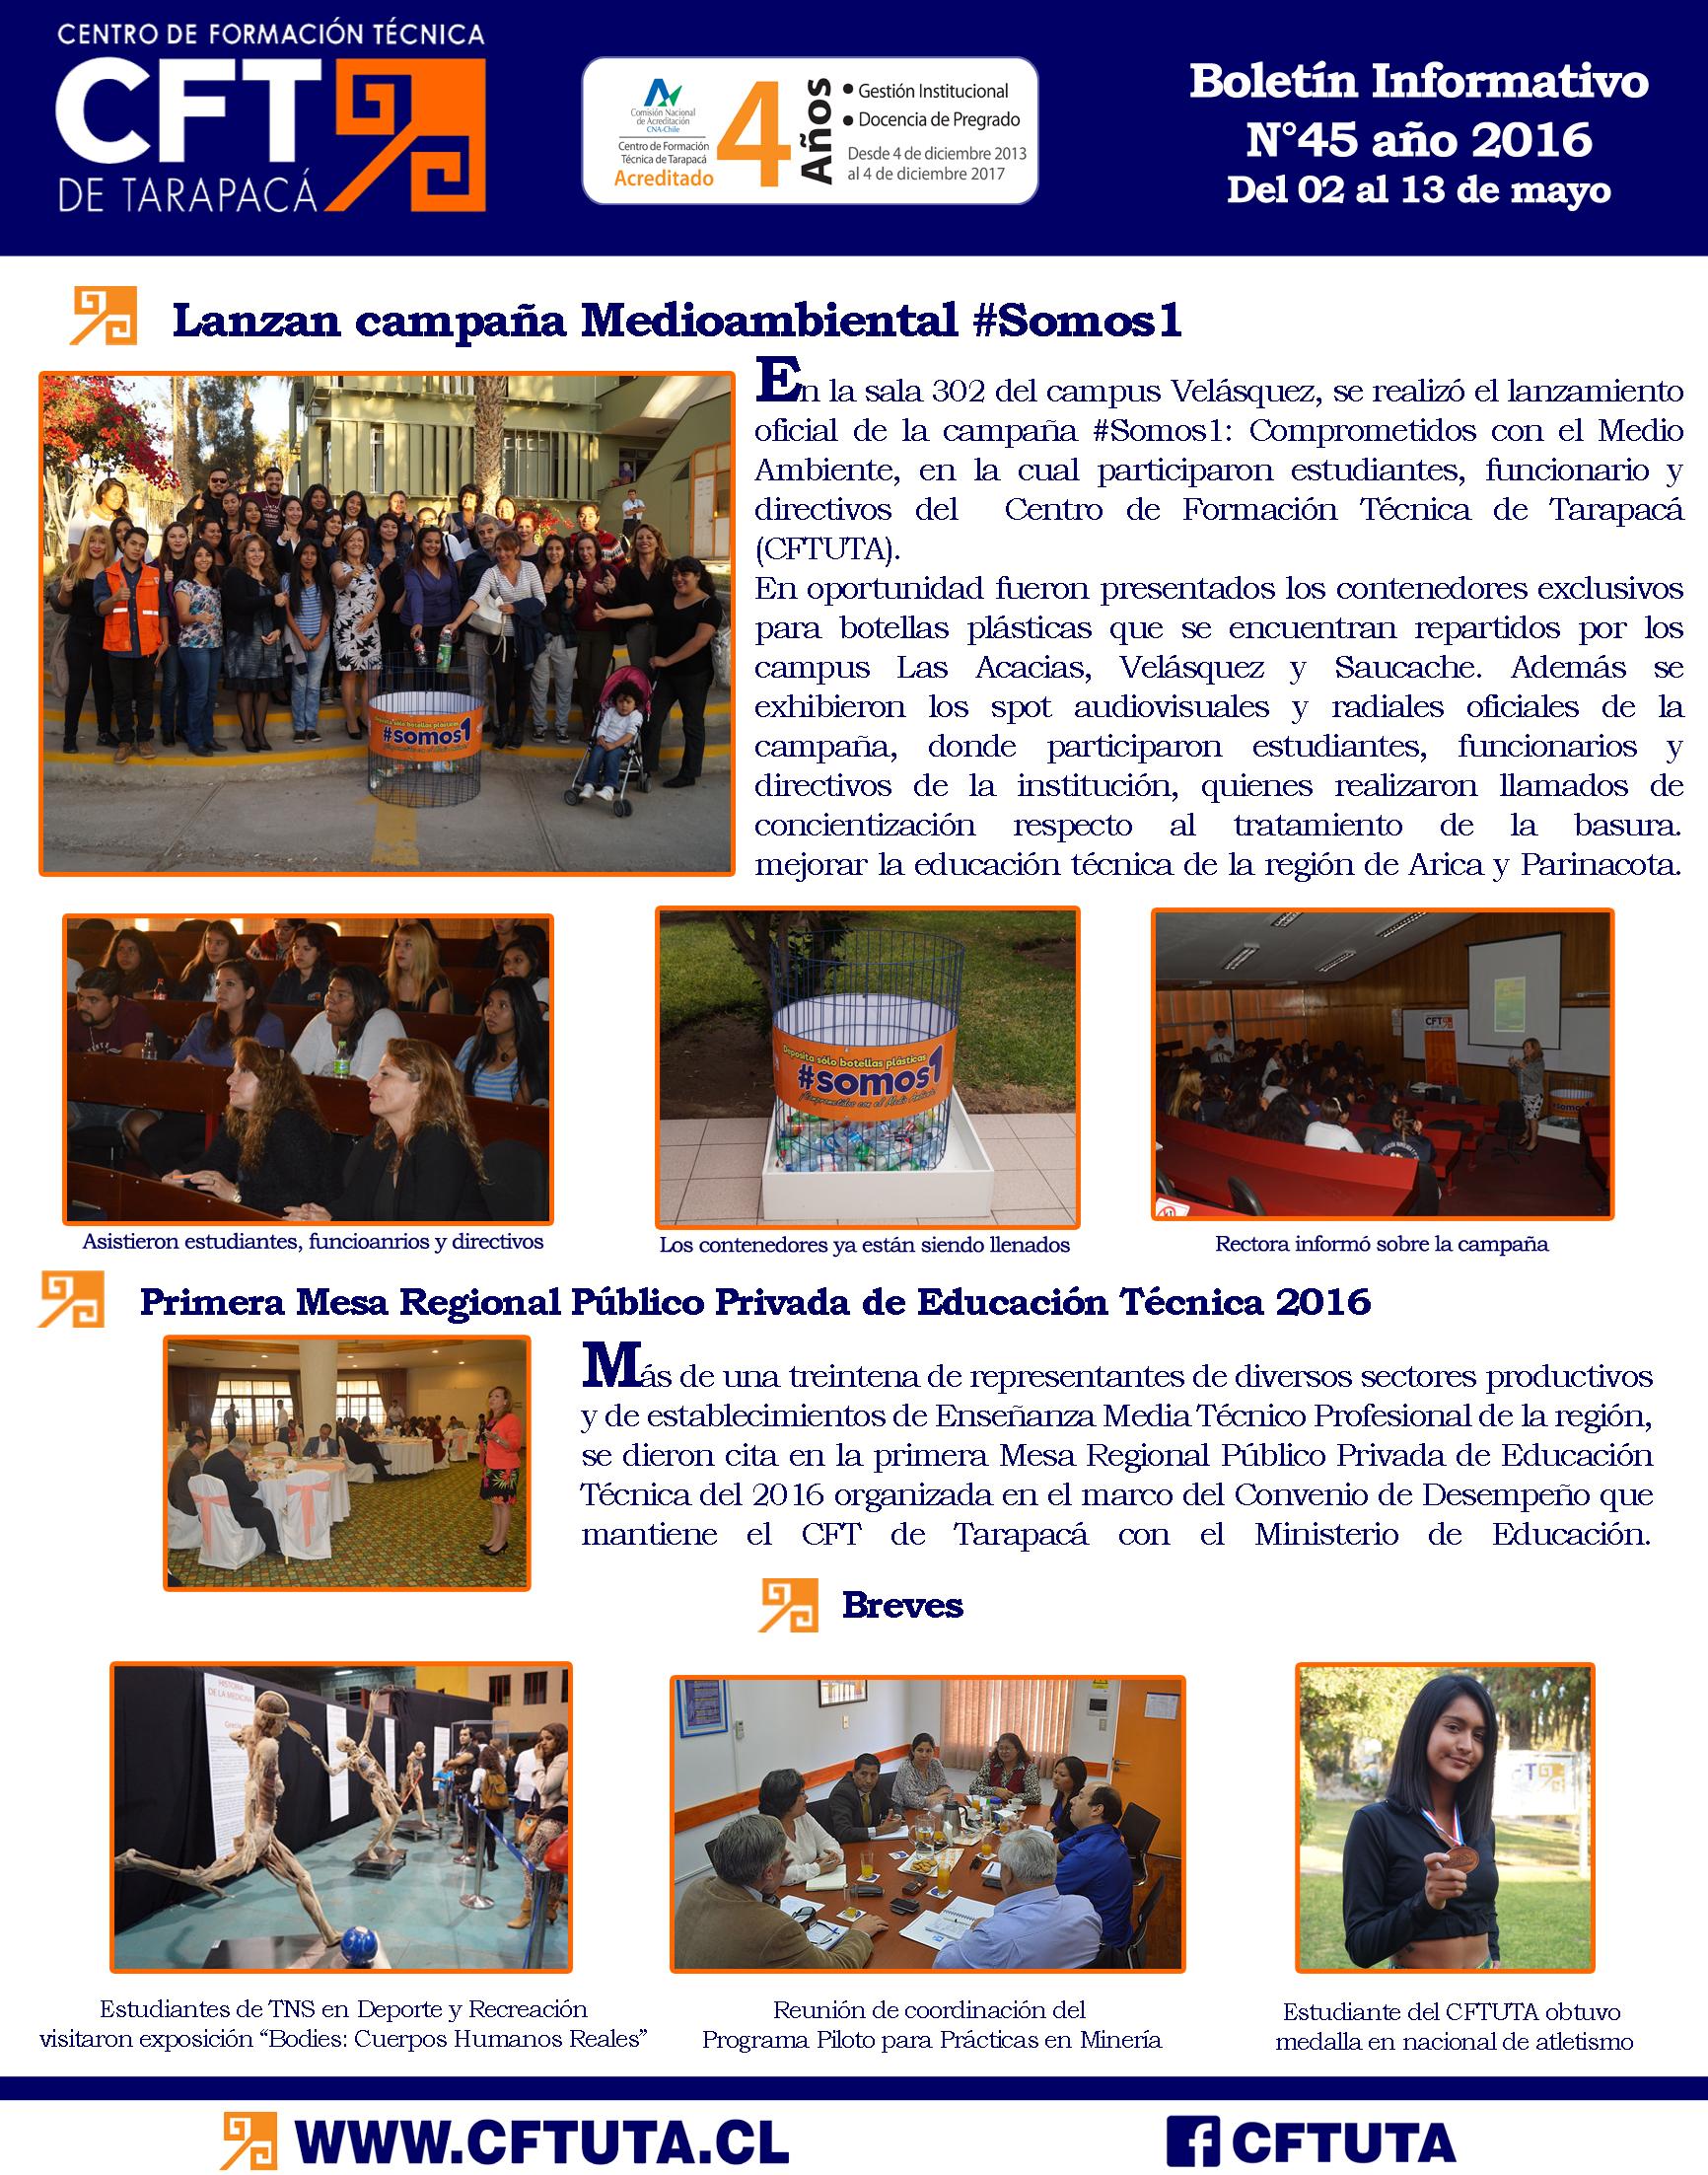 Boletín N°45 CFT de Tarapacá